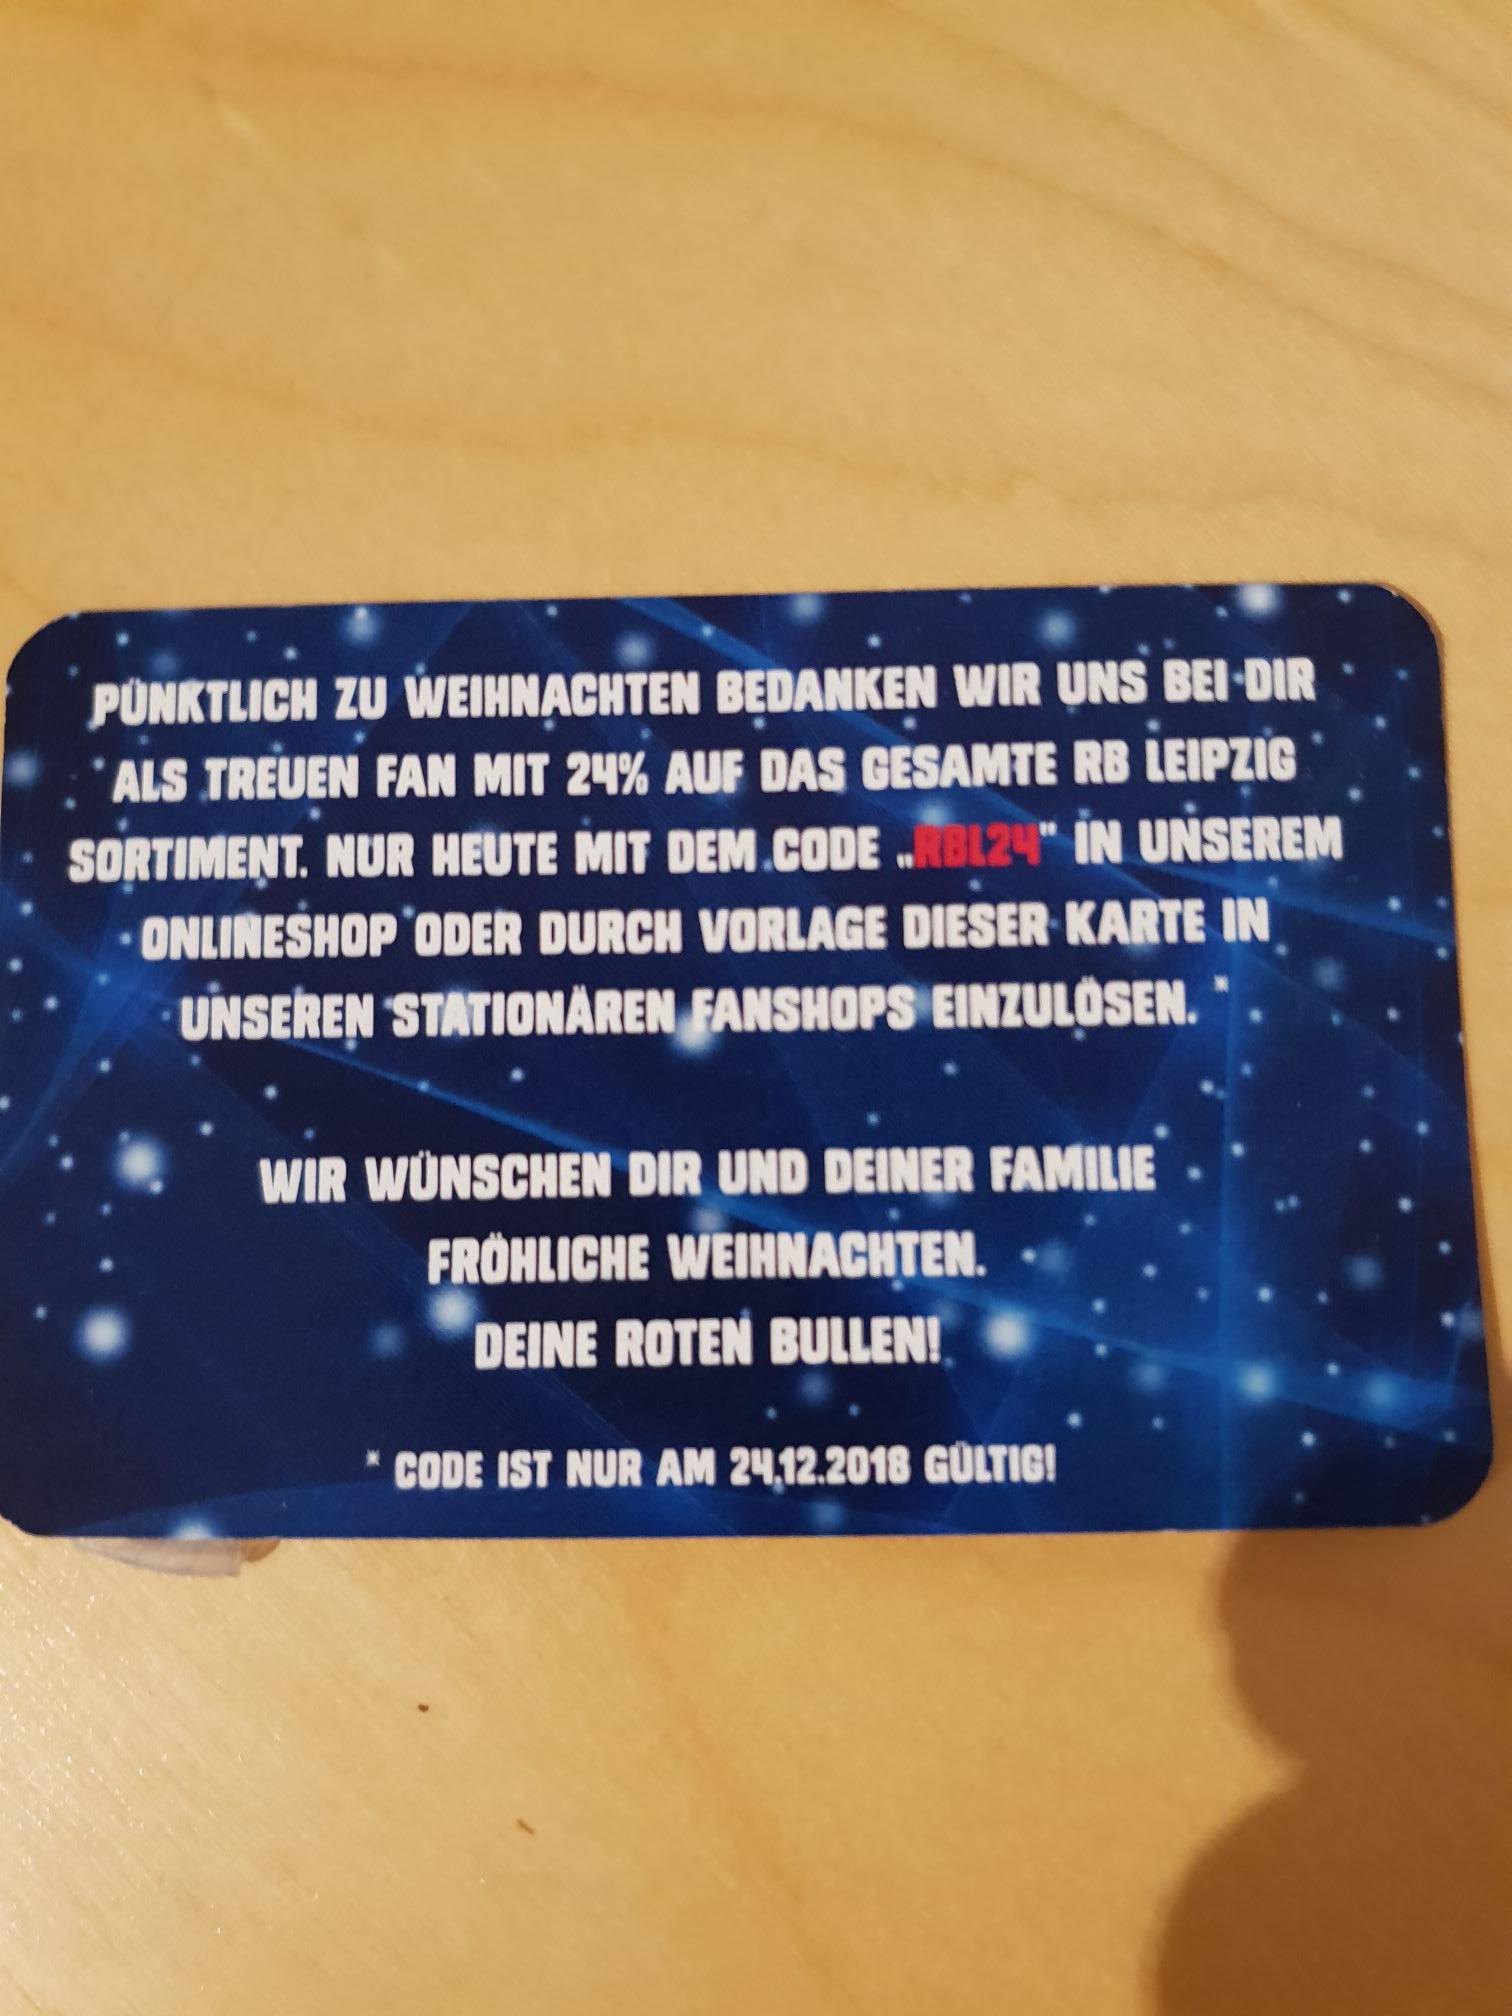 Nur heute 24% im RB Leipzig online shop